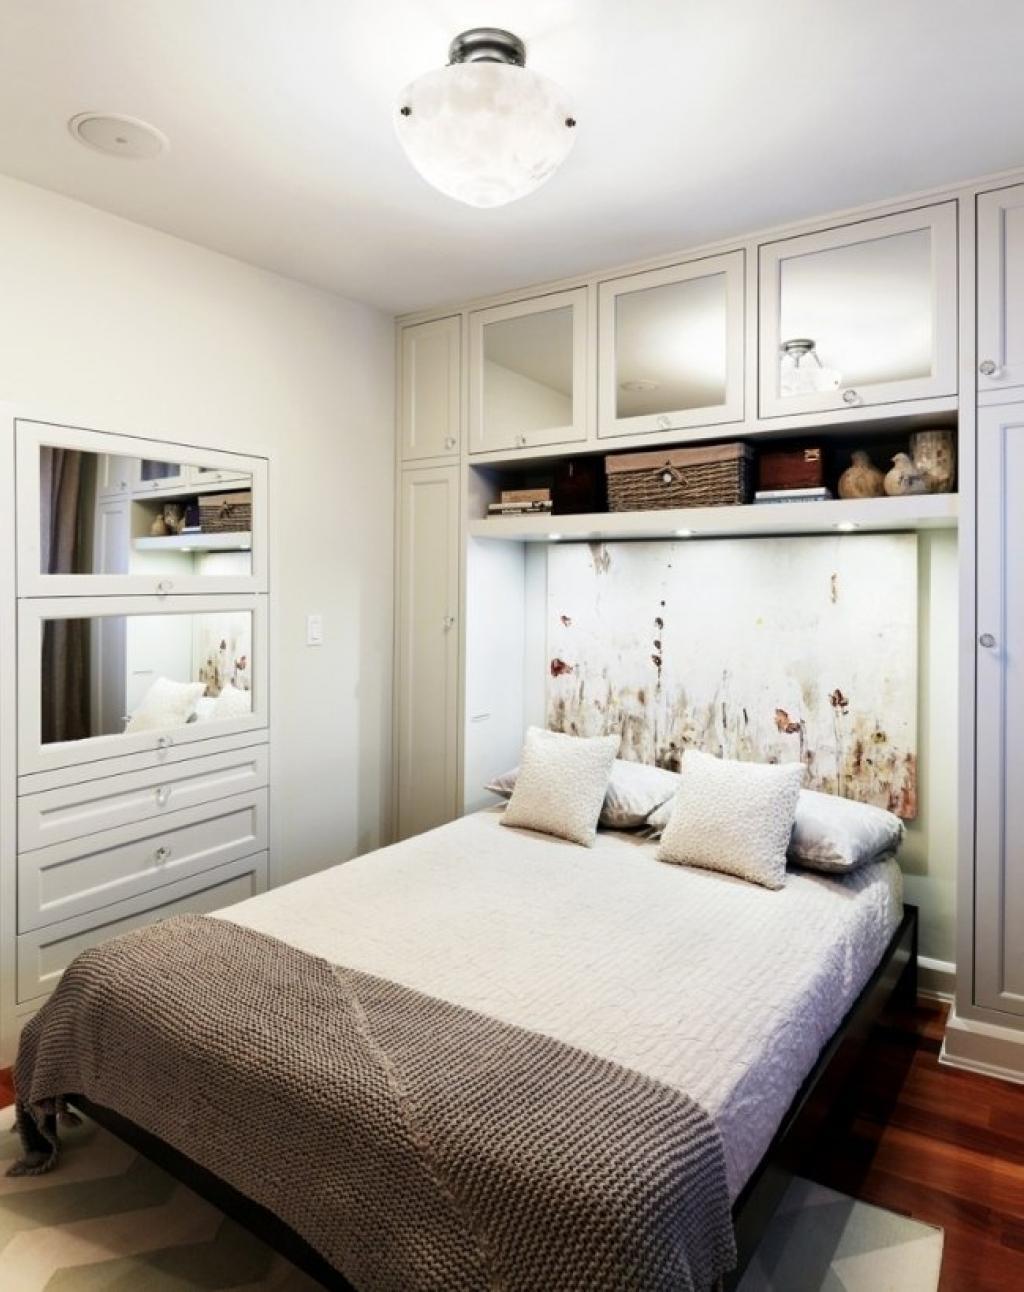 12 bonnes idées pour aménager une petite chambre tout en créant ...